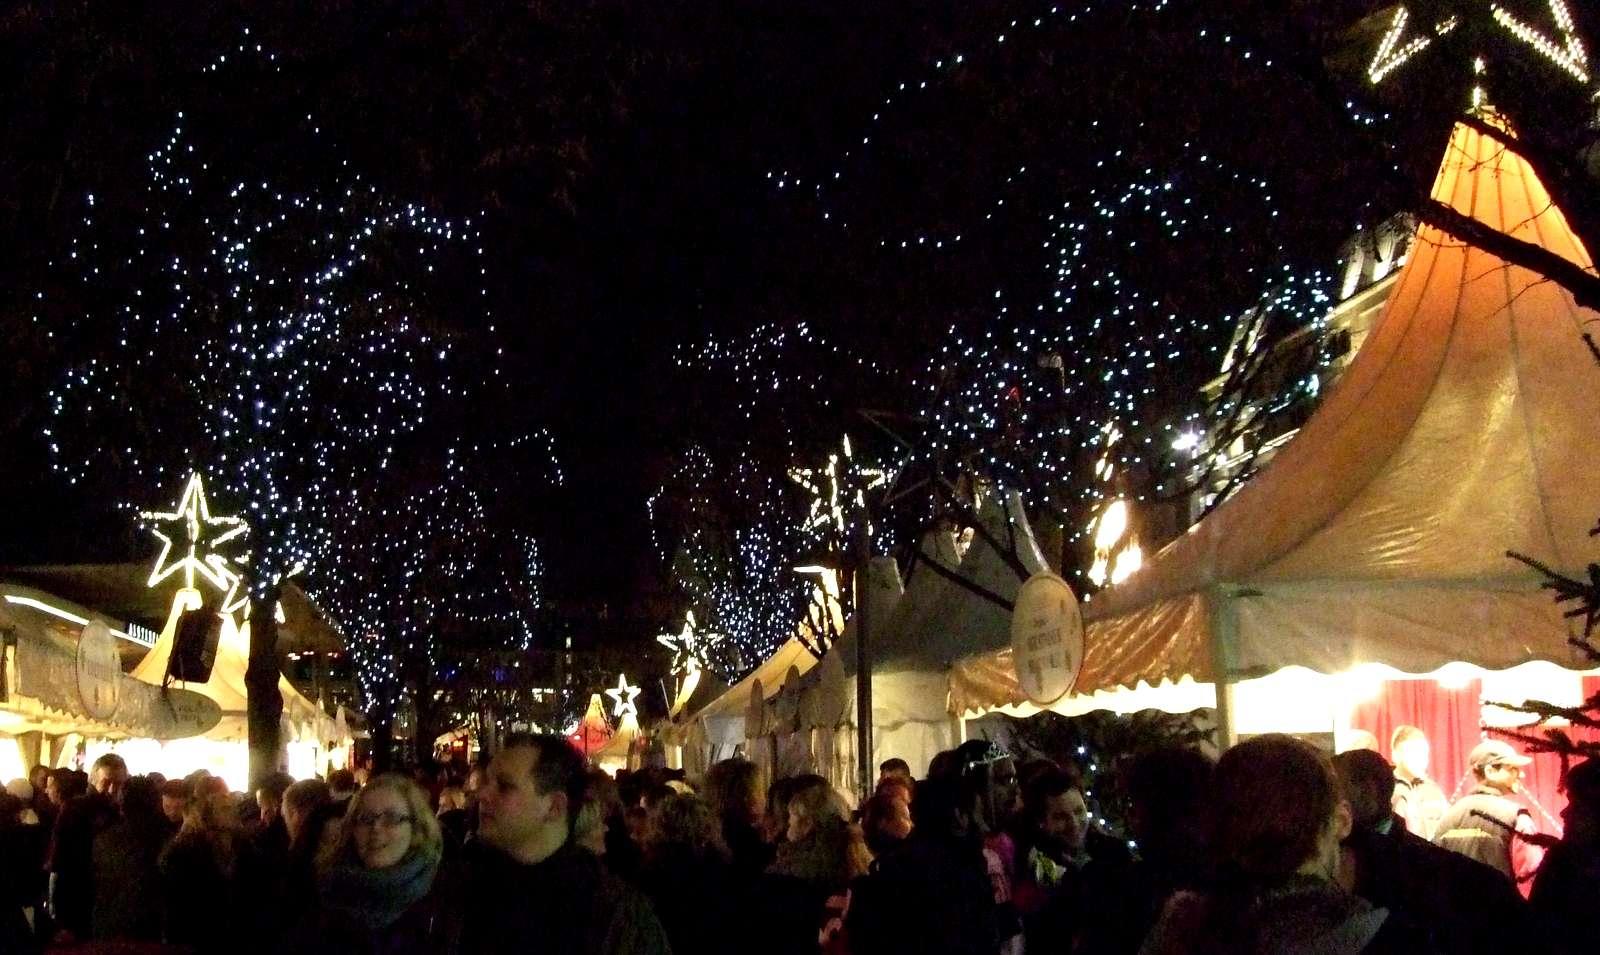 Weisser Zauber Weihnachtsmarkt